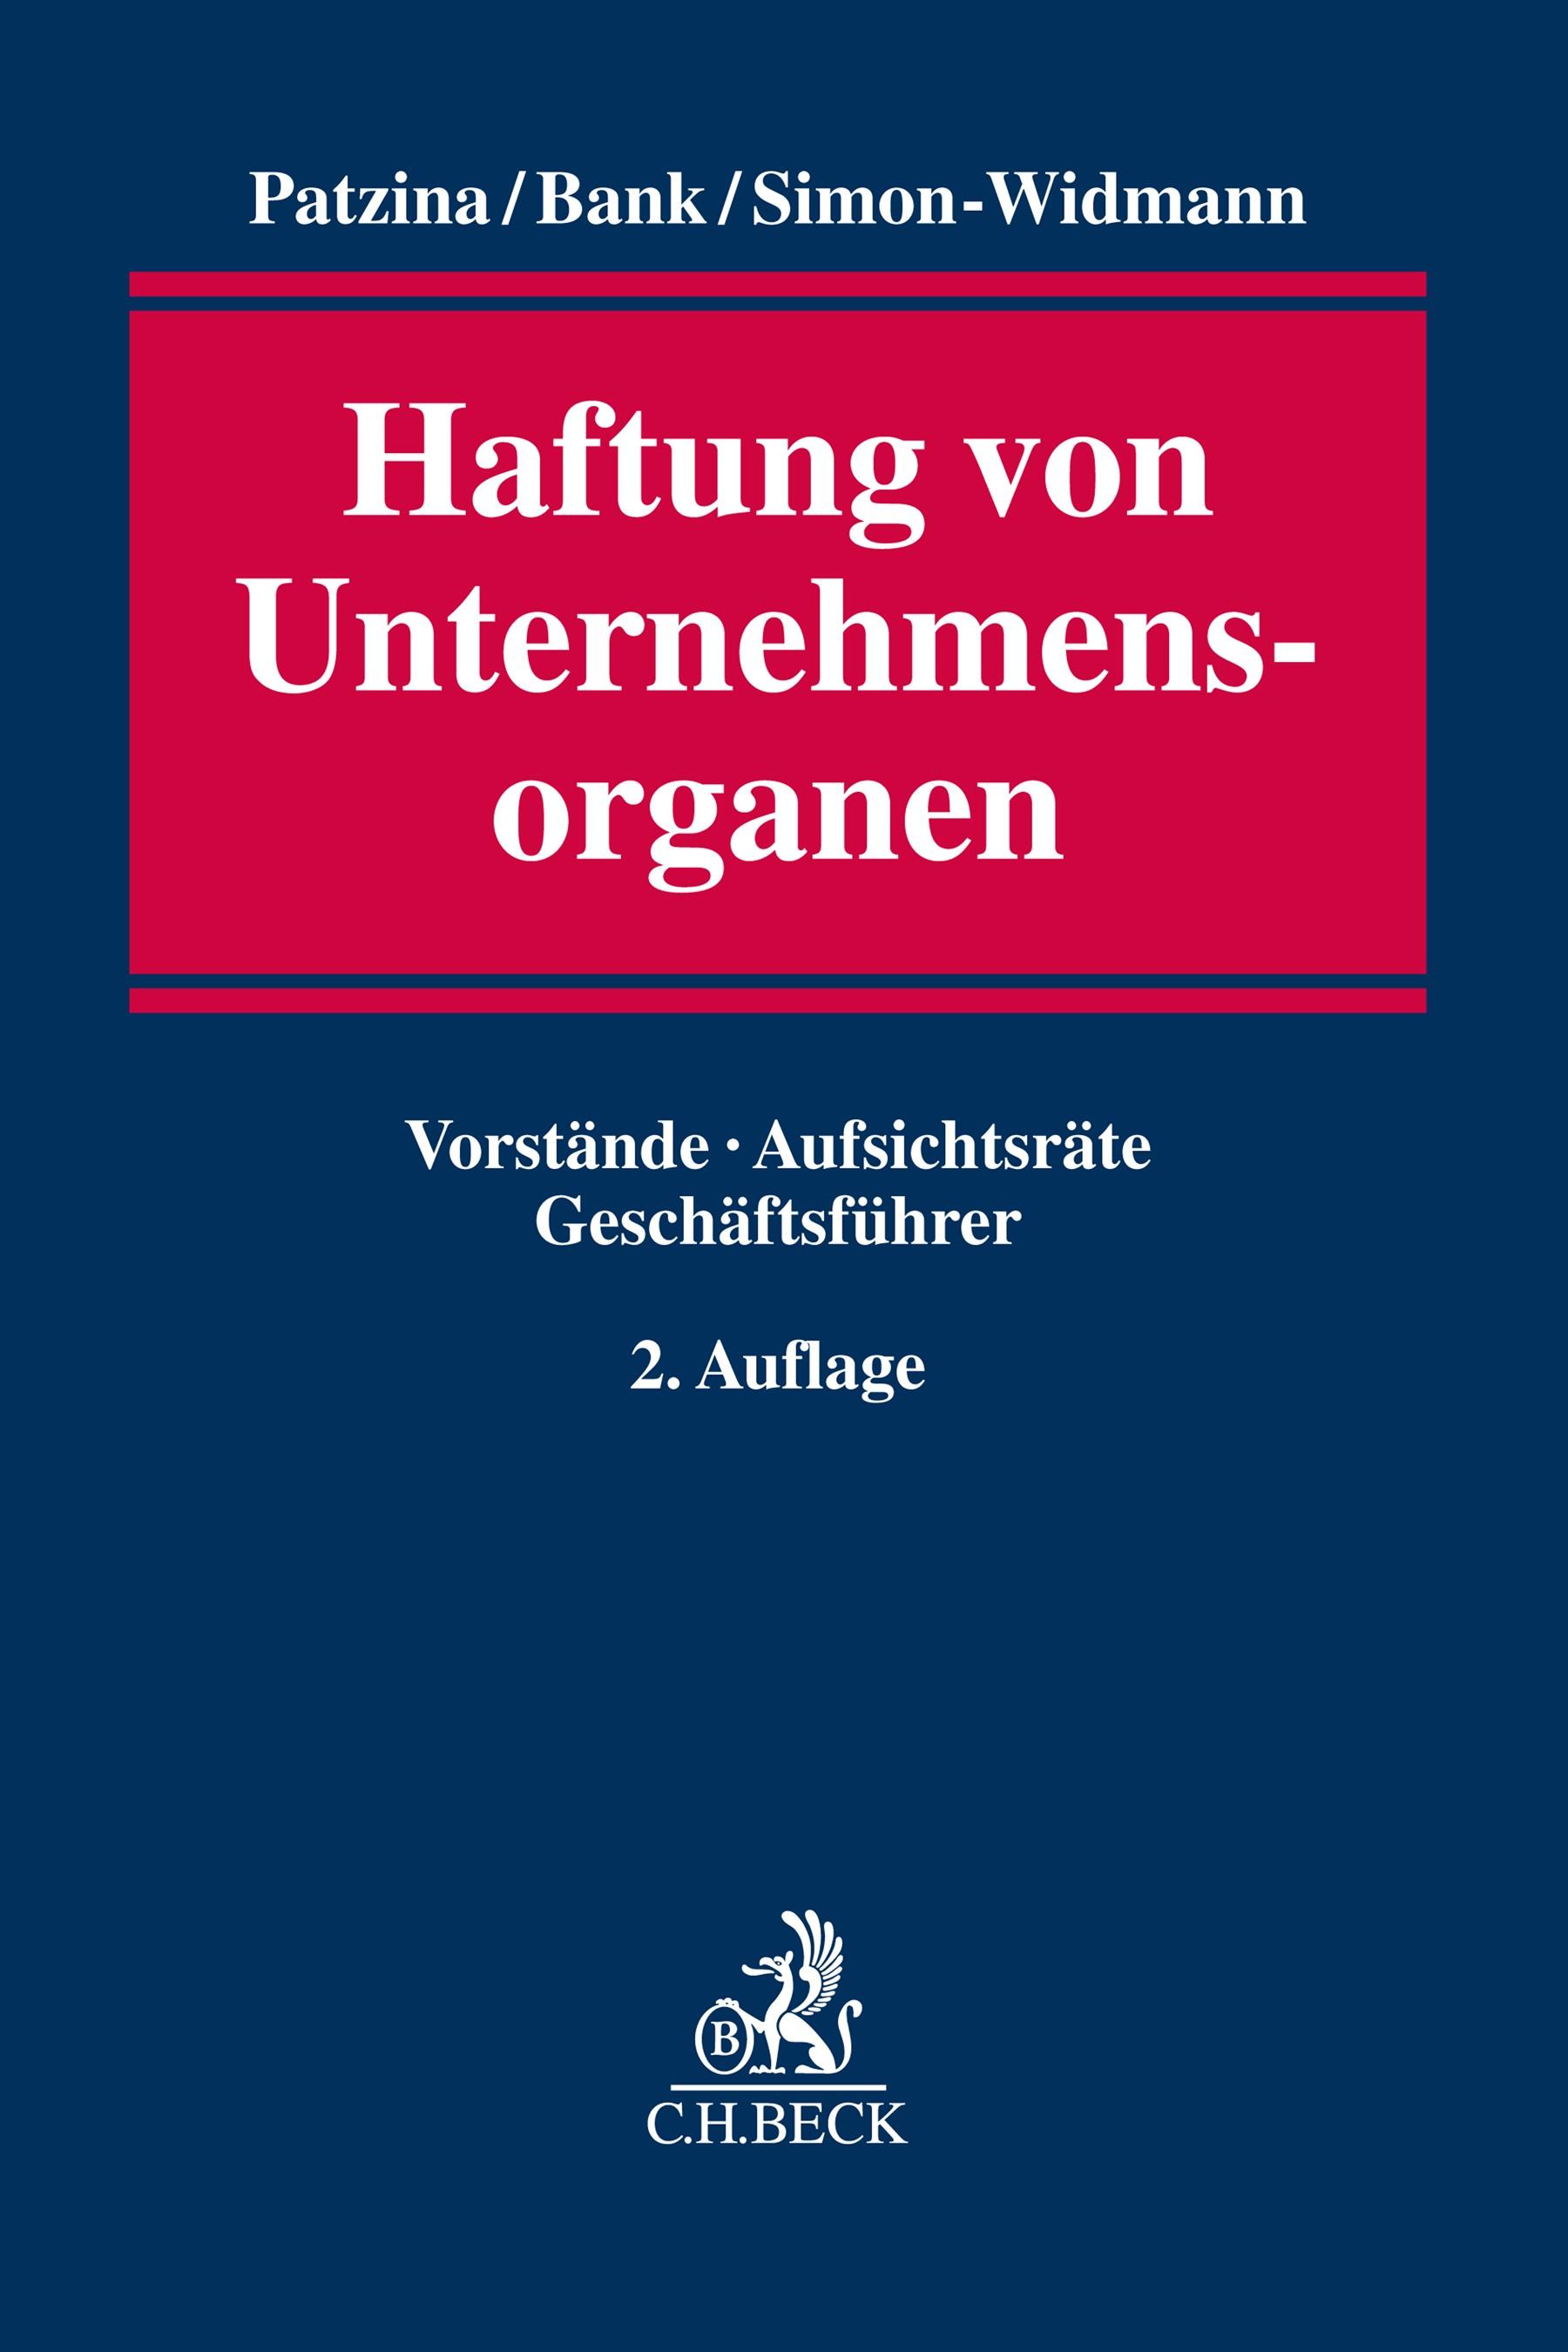 Abbildung von Patzina / Bank / Simon-Widmann   Haftung von Unternehmensorganen   2. Auflage   2019